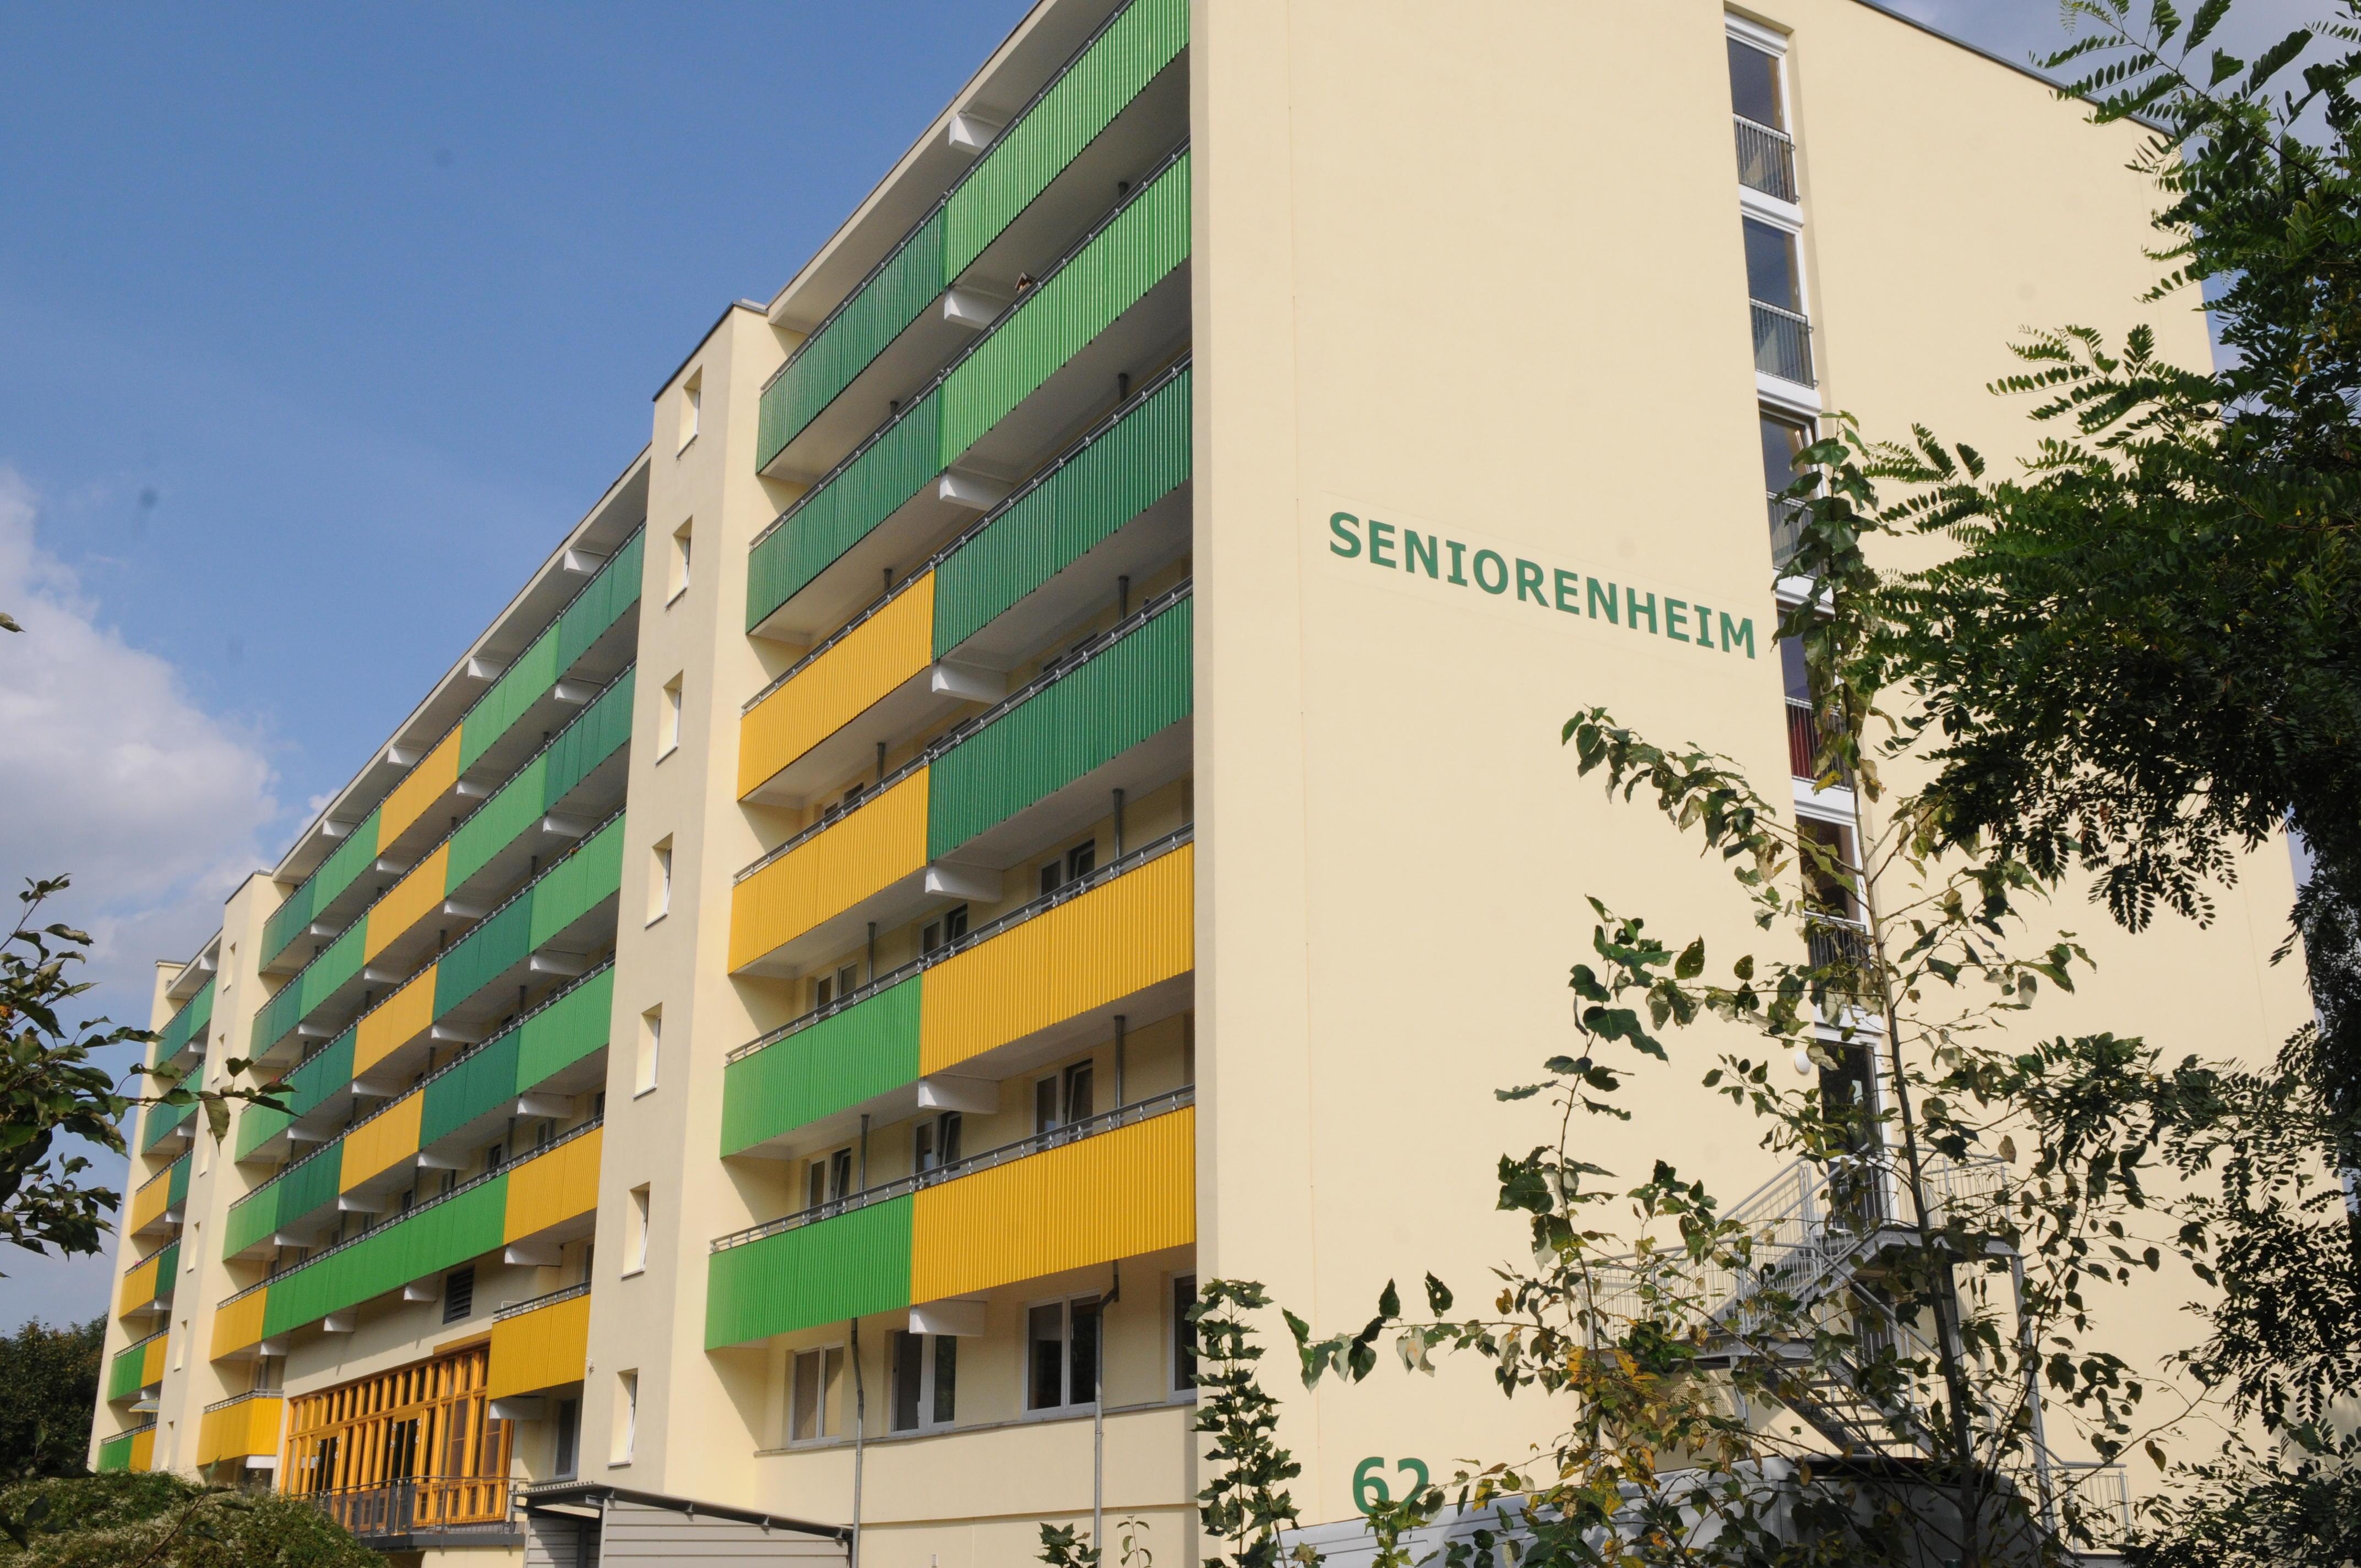 Seniorenheim Marzahn